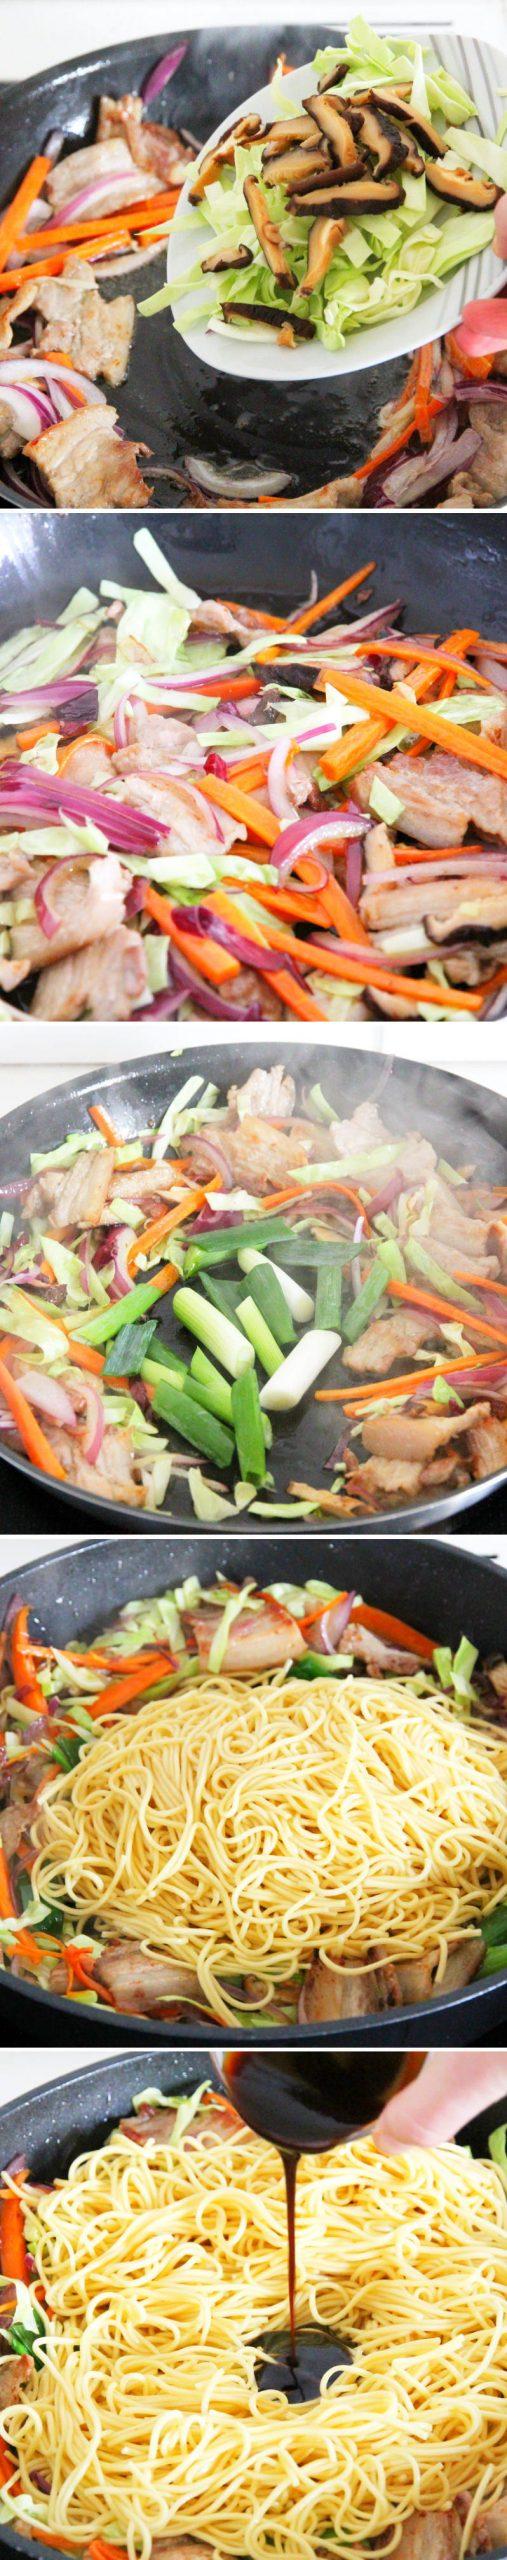 Yakisoba Schritt 9 Gemüse anbraten und mit Yakisoba Sauce ablöschen